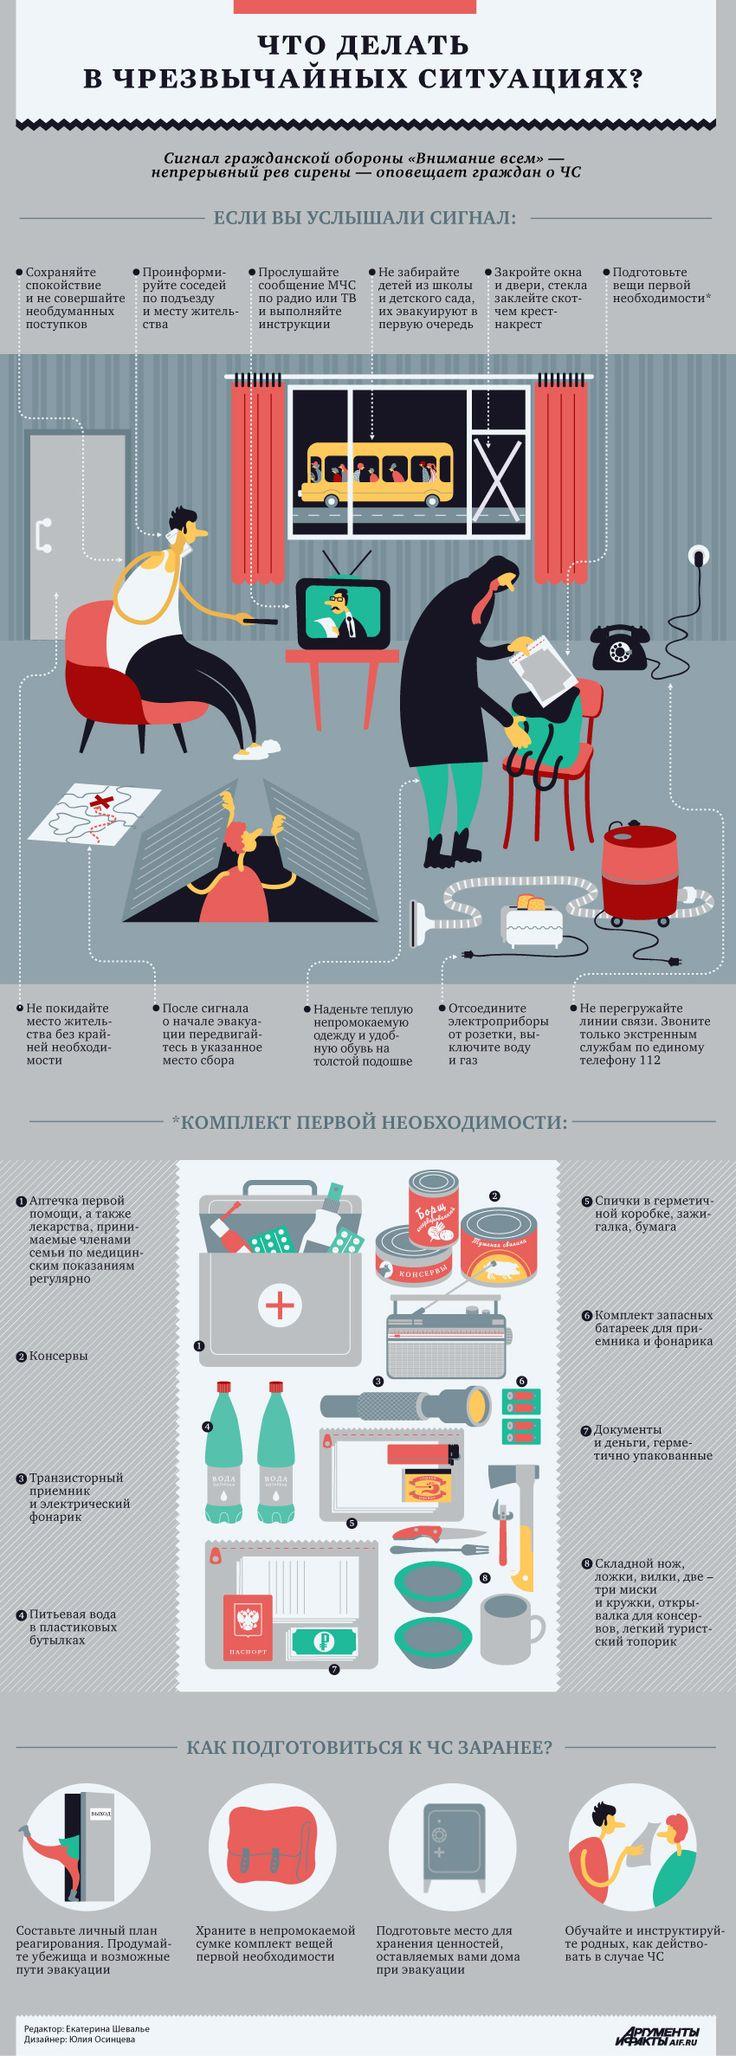 Что делать вслучае чрезвычайной ситуации? #Инфографика